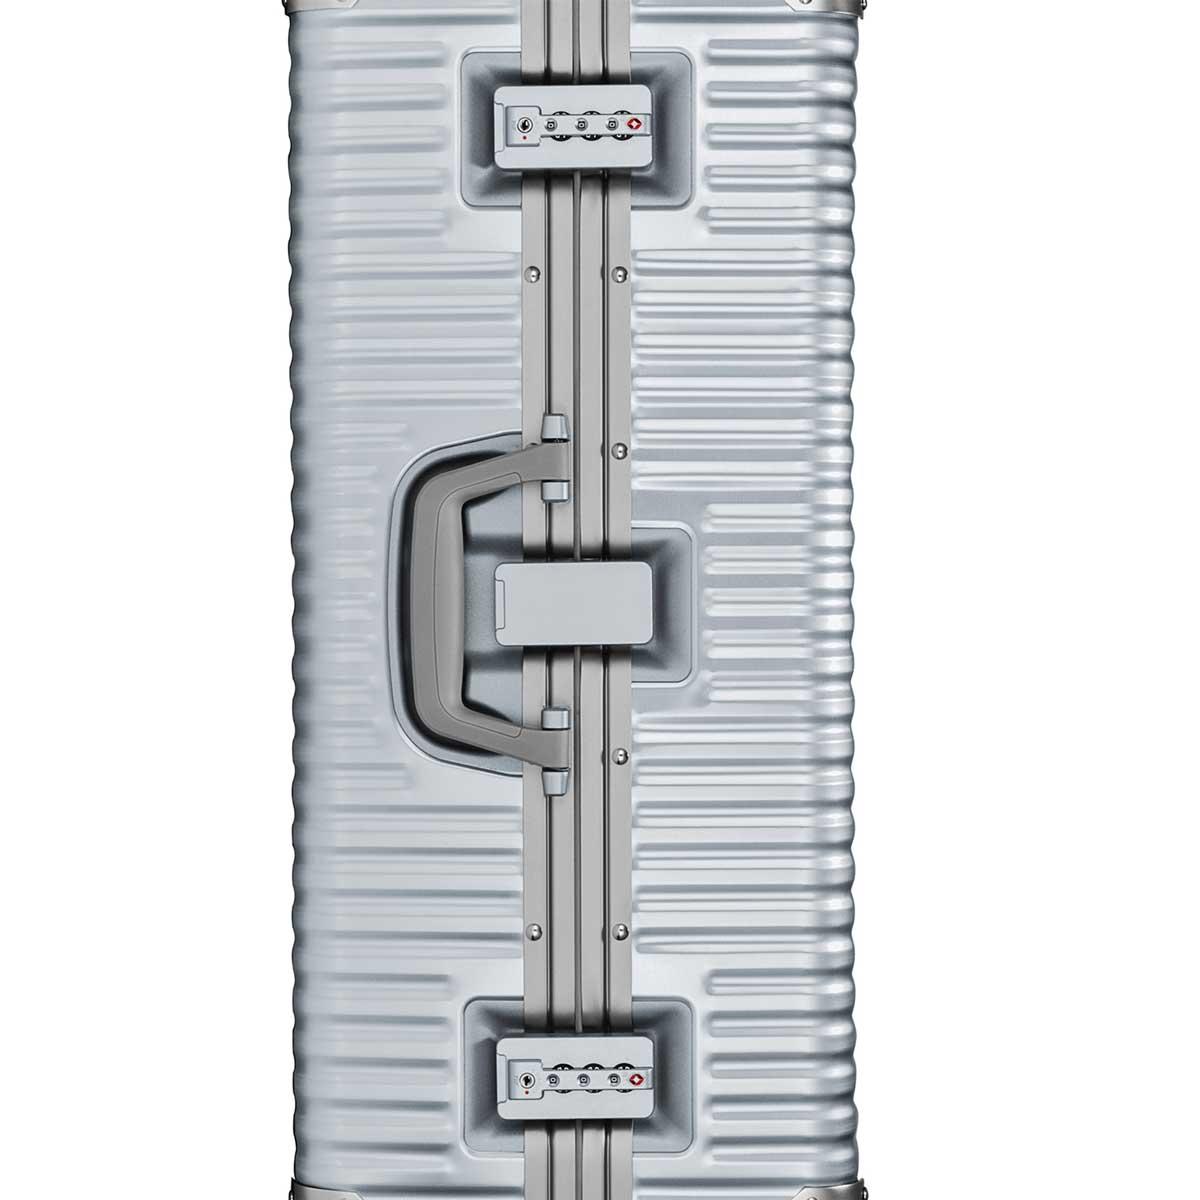 【決算セール・GoTo トラベル】ランツォ LANZZO NORMAN ノーマン 4輪 87L 約7.0kg ダイアルロック式 アルミ スーツケース Al-Mg29 162901 SILVER(シルバー)【返品交換不可】special priceAM